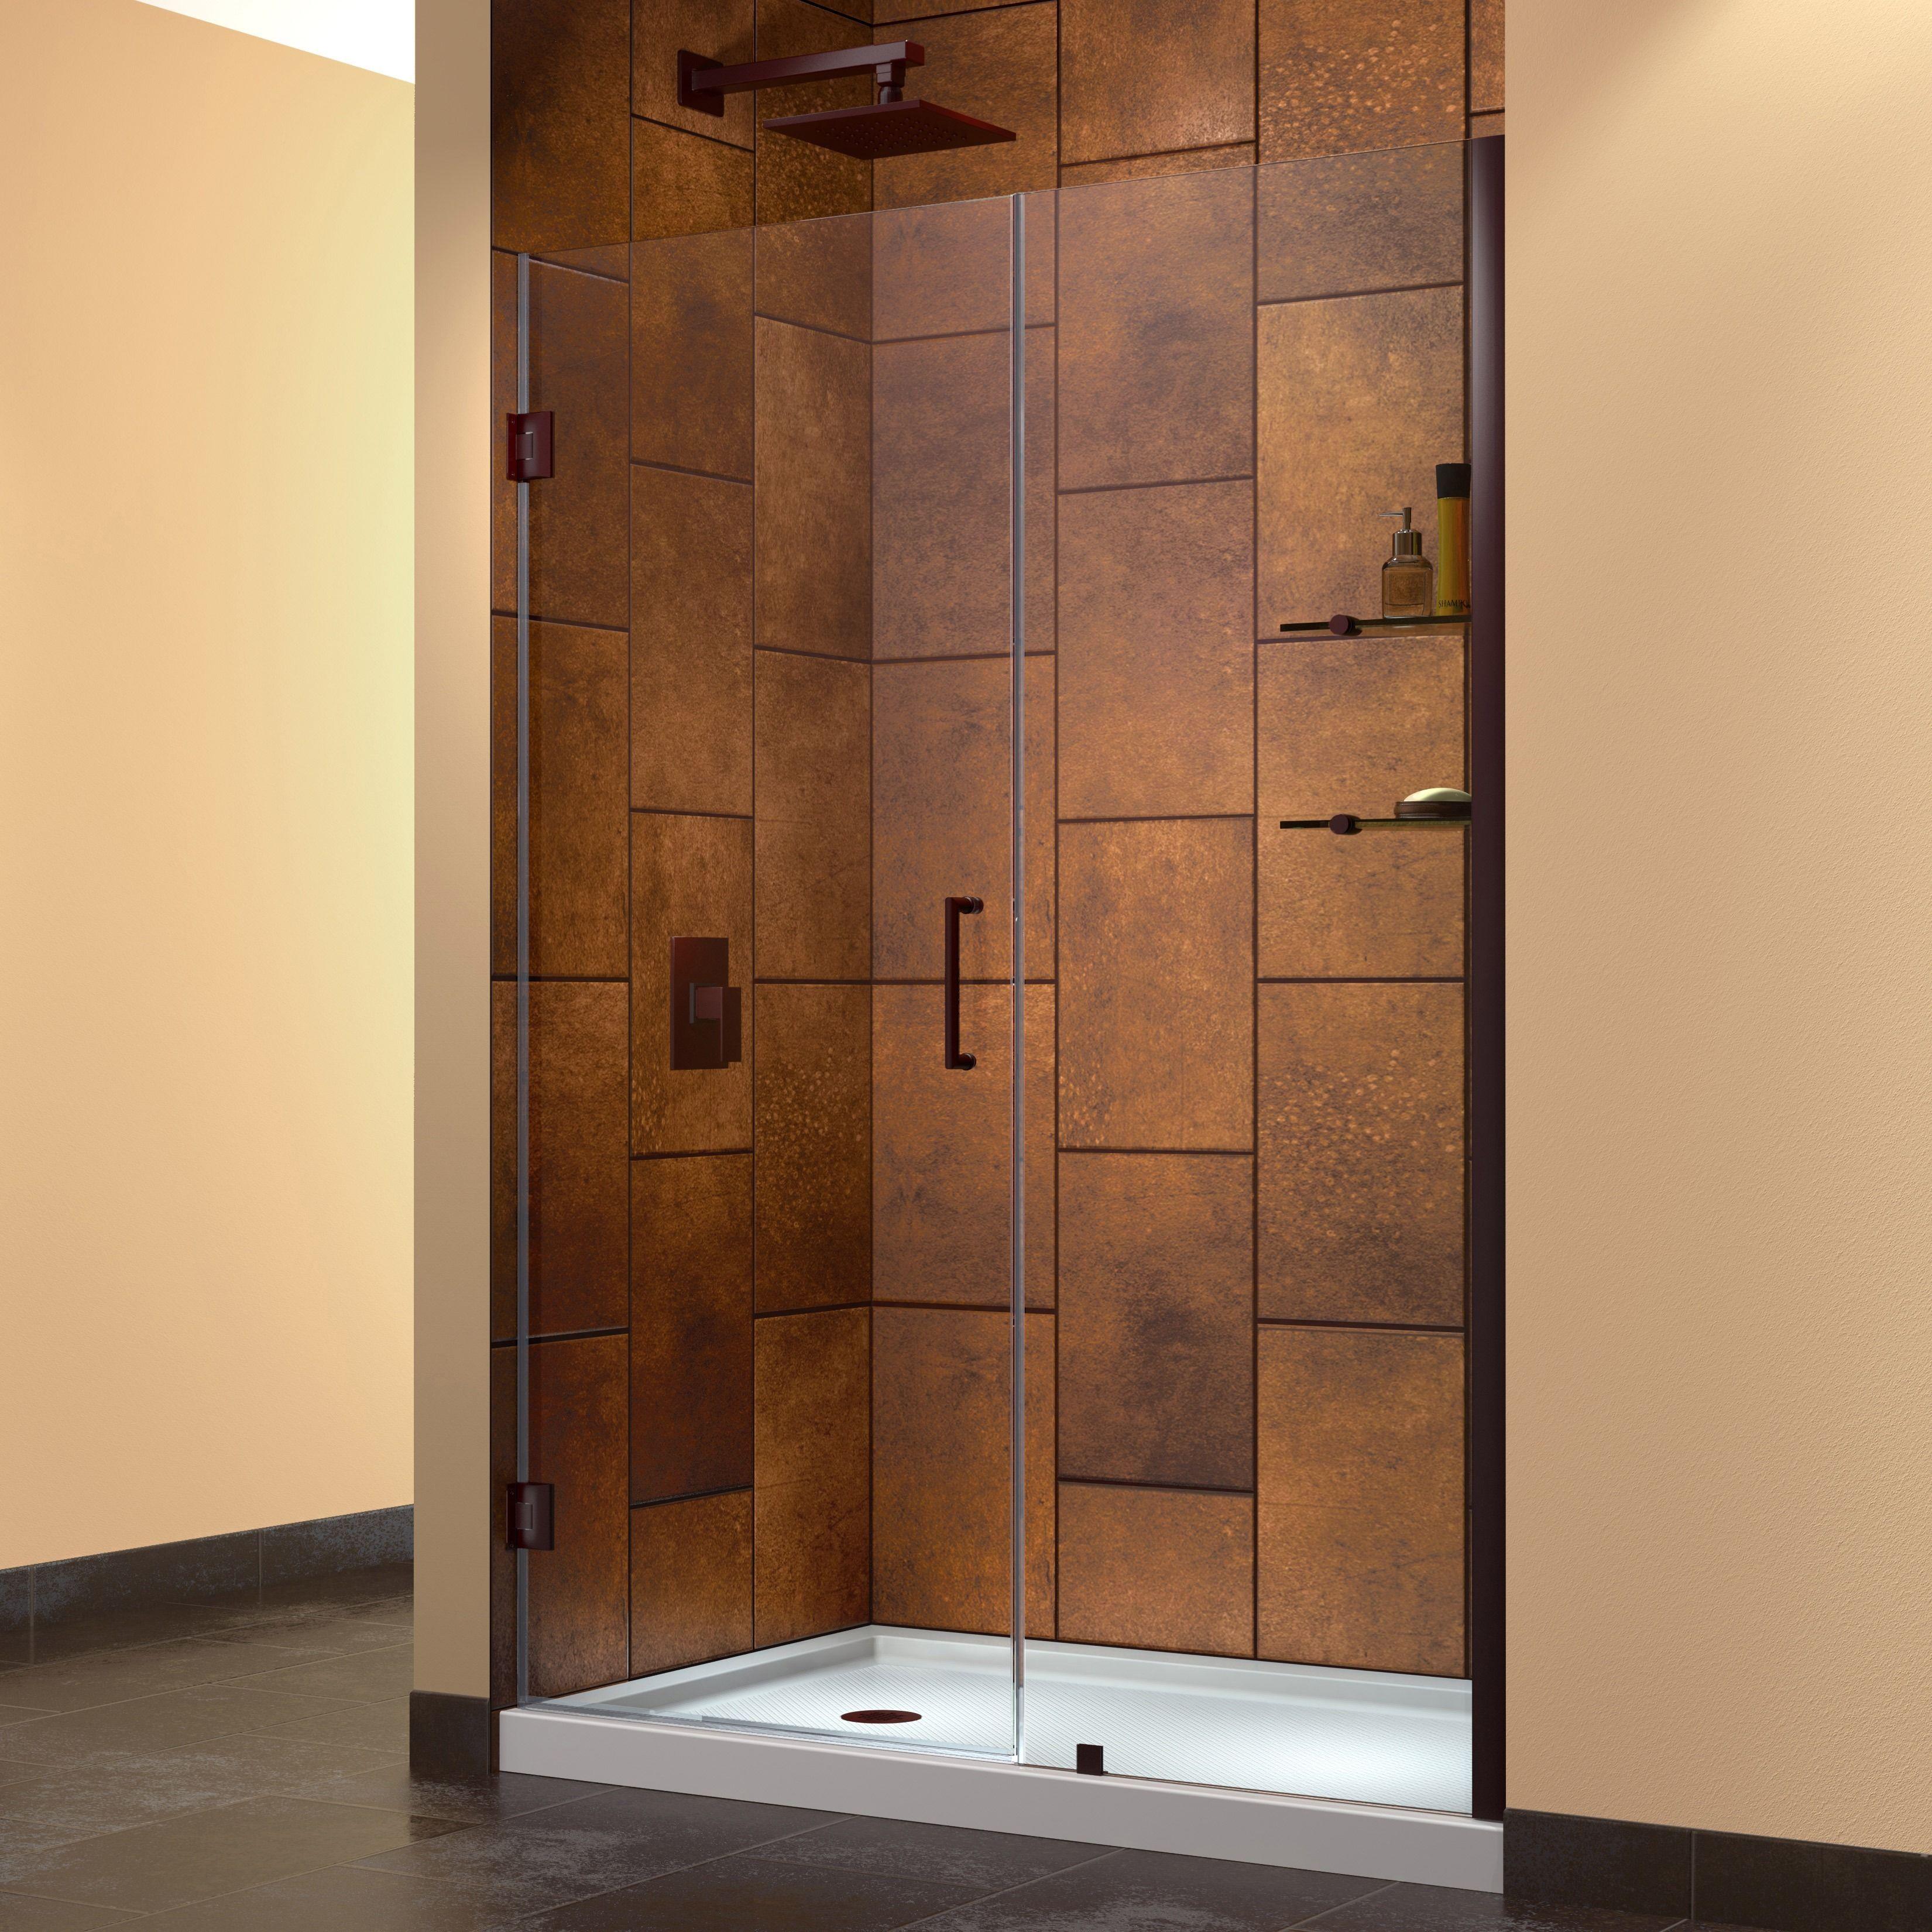 Dreamline Unidoor 54 55 Inch Frameless Hinged Shower Door ن